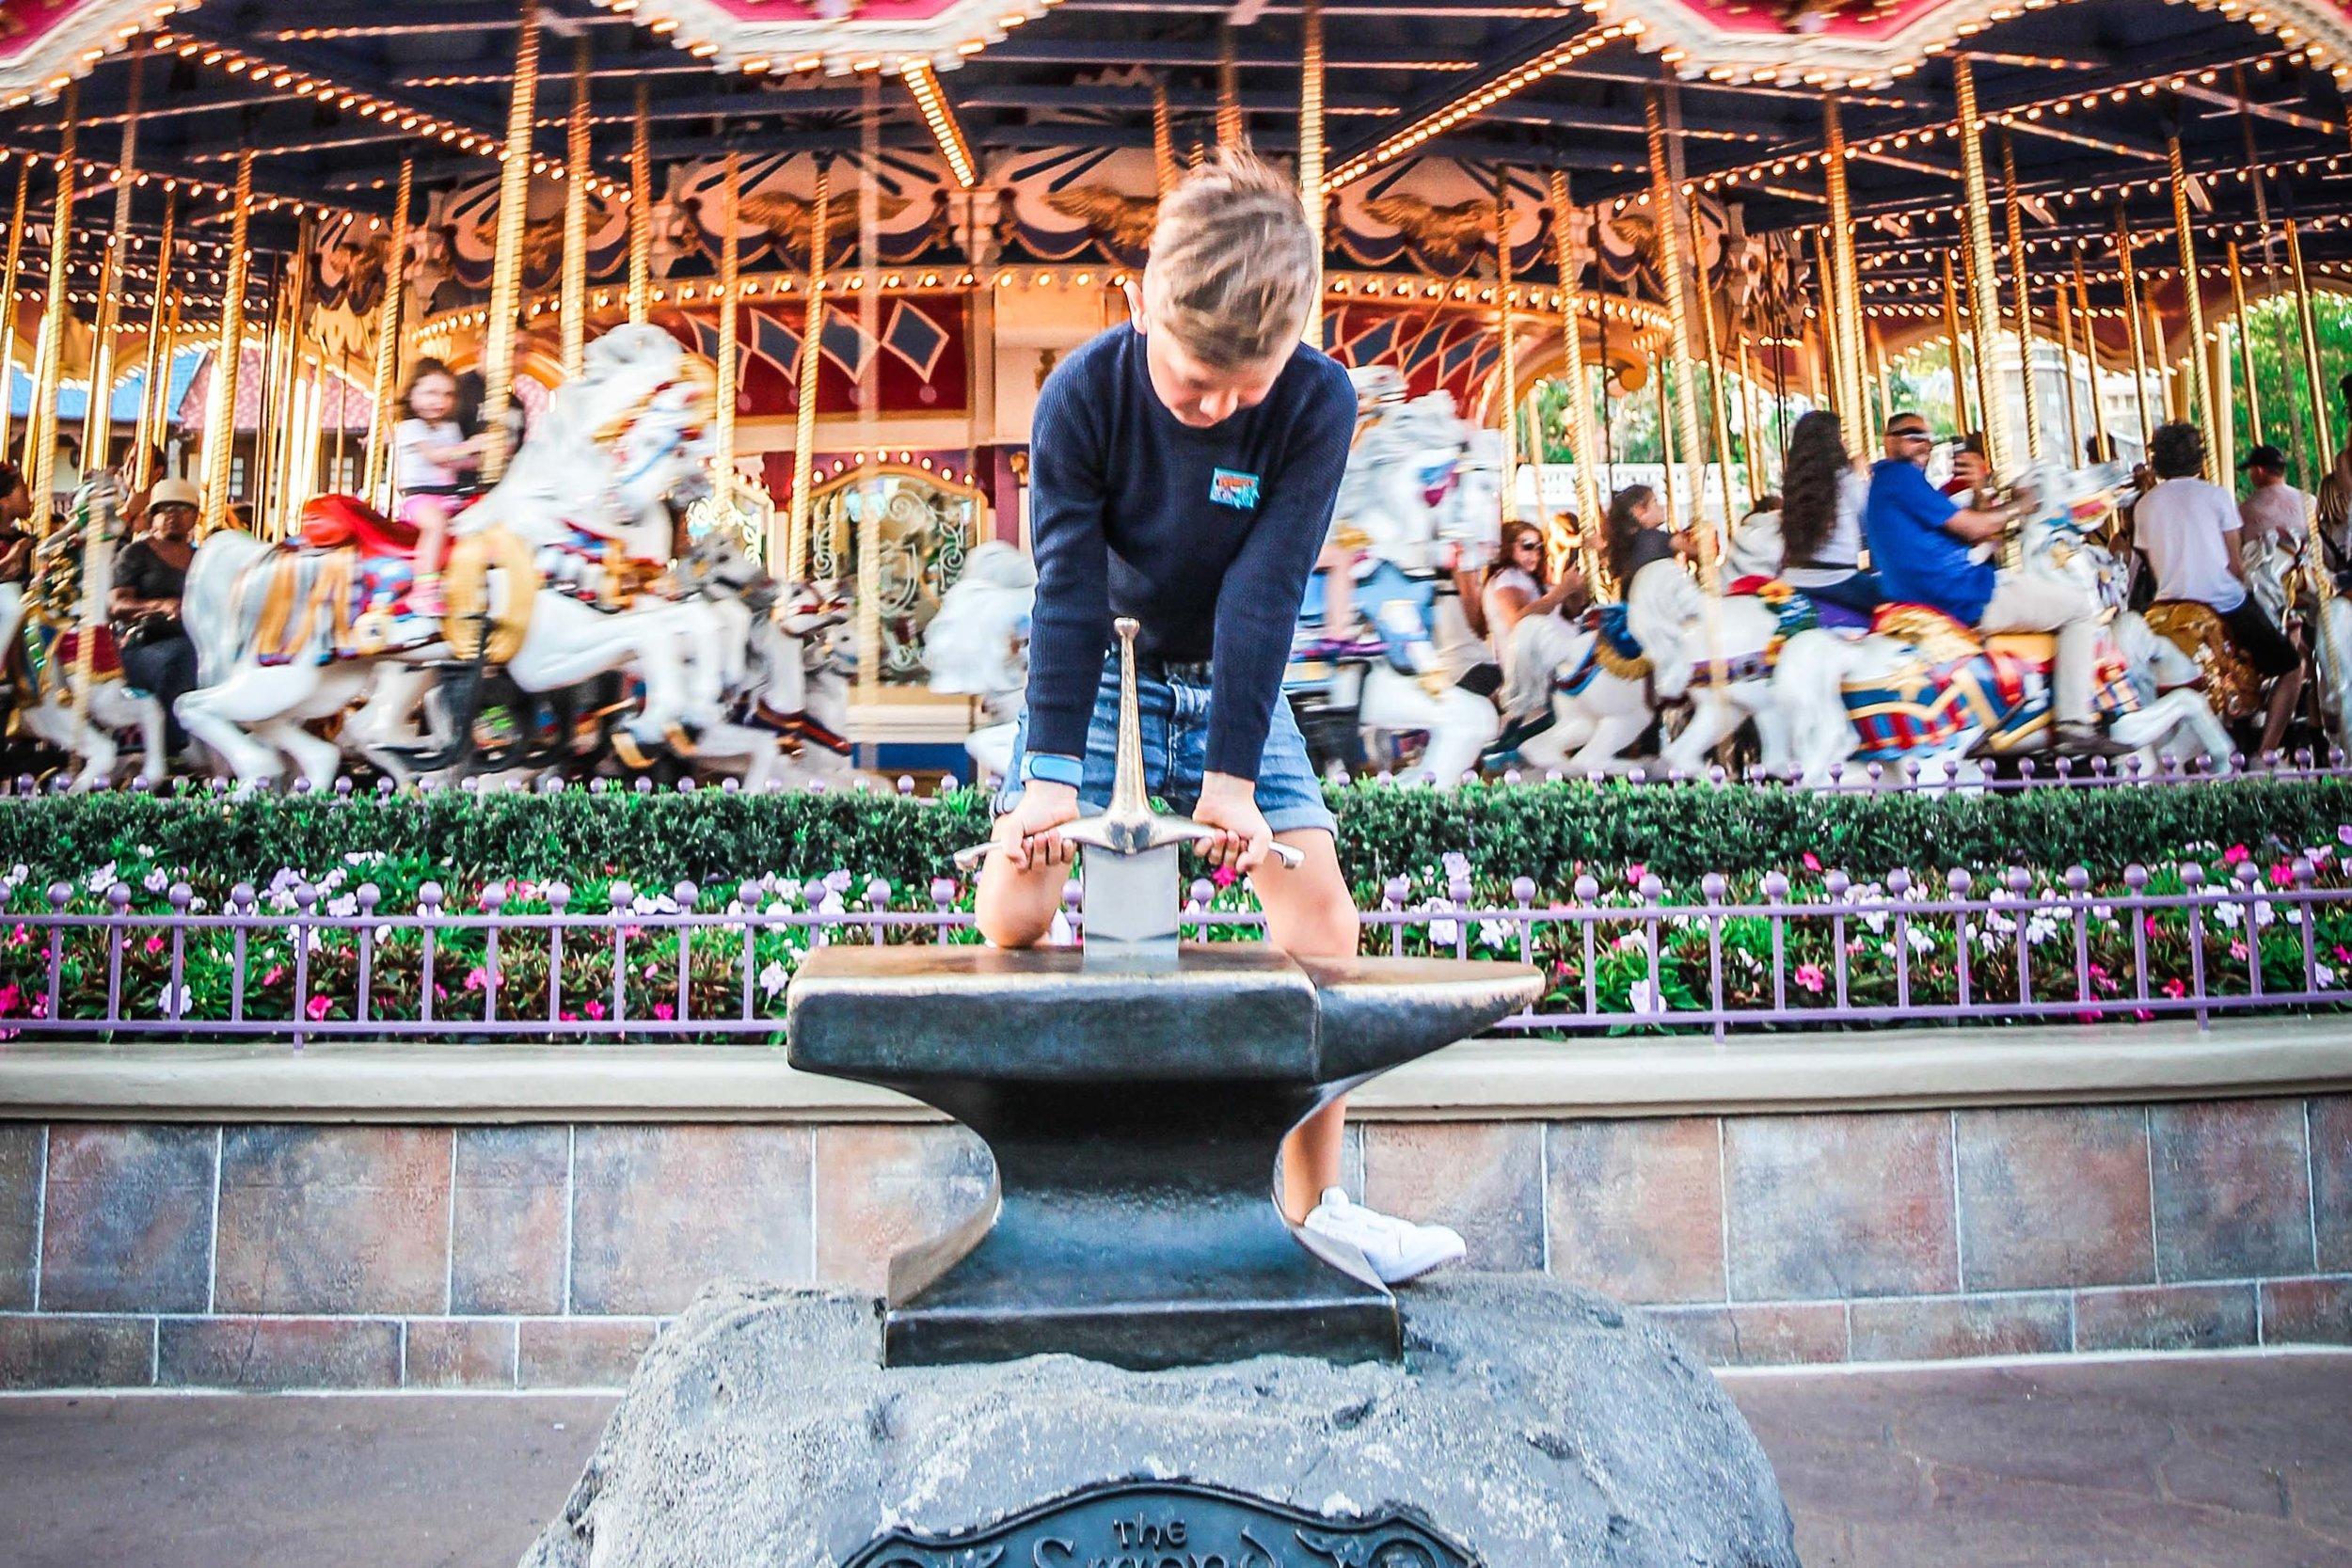 Disney_magical_kingdom_orlando_reizen_met_kinderen-13.jpg